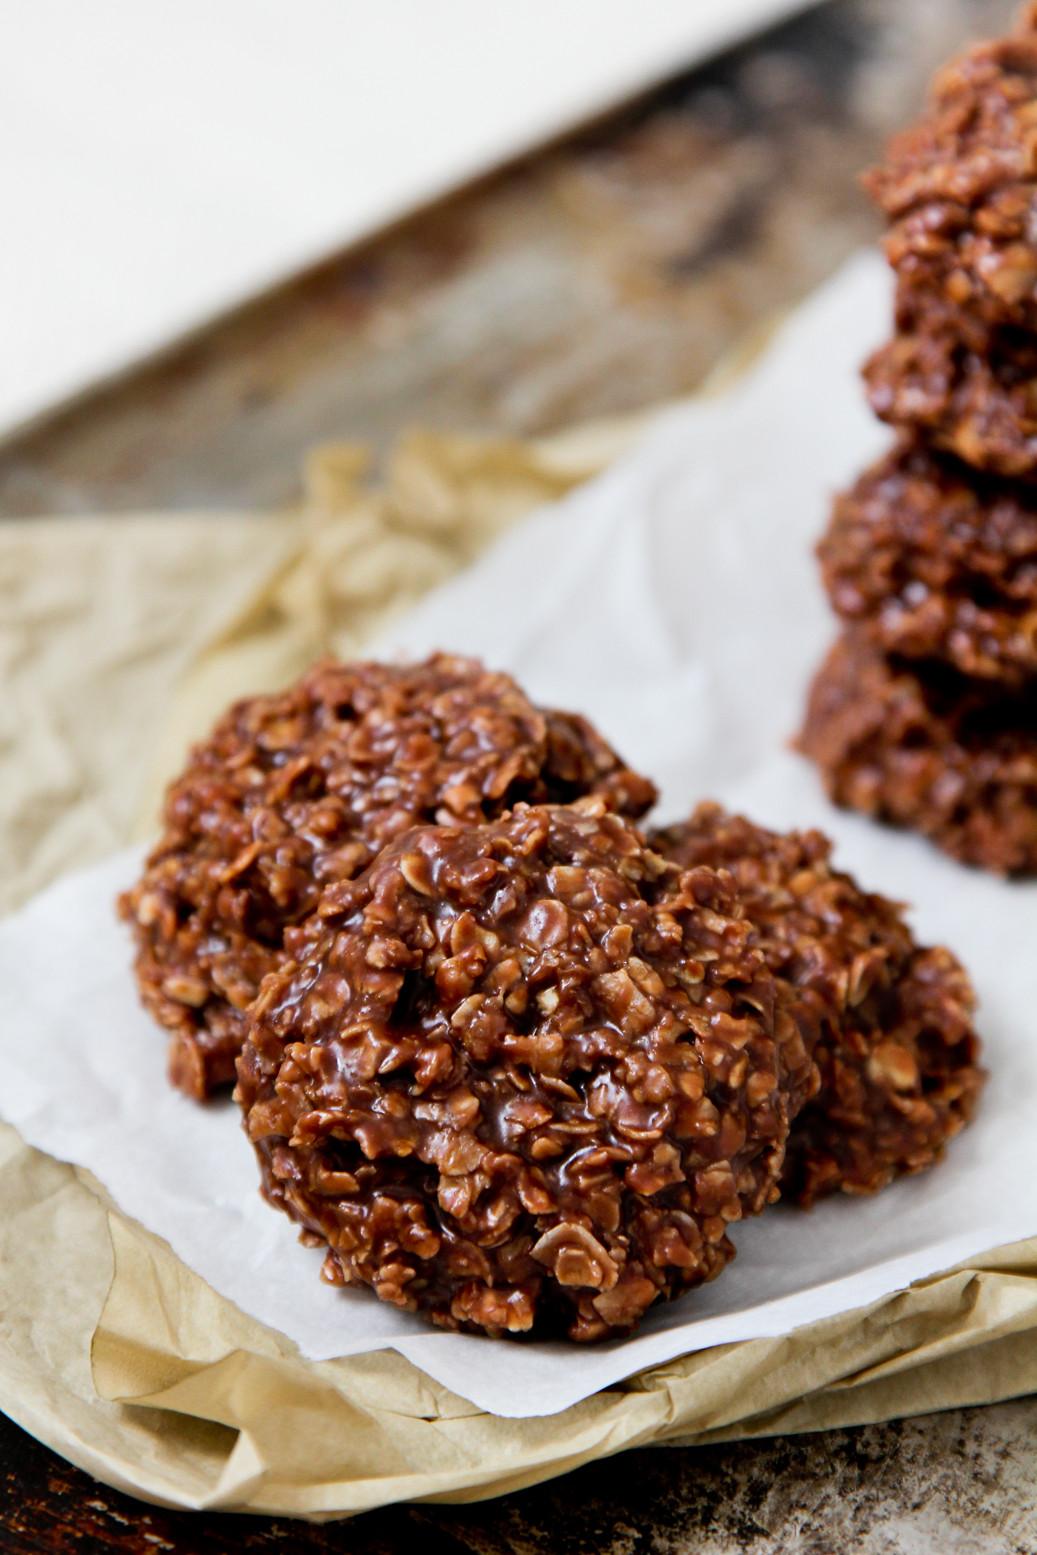 Oatmeal No Bake Cookies  Life Made Simple No Bake PB Chocolate Oatmeal Cookies